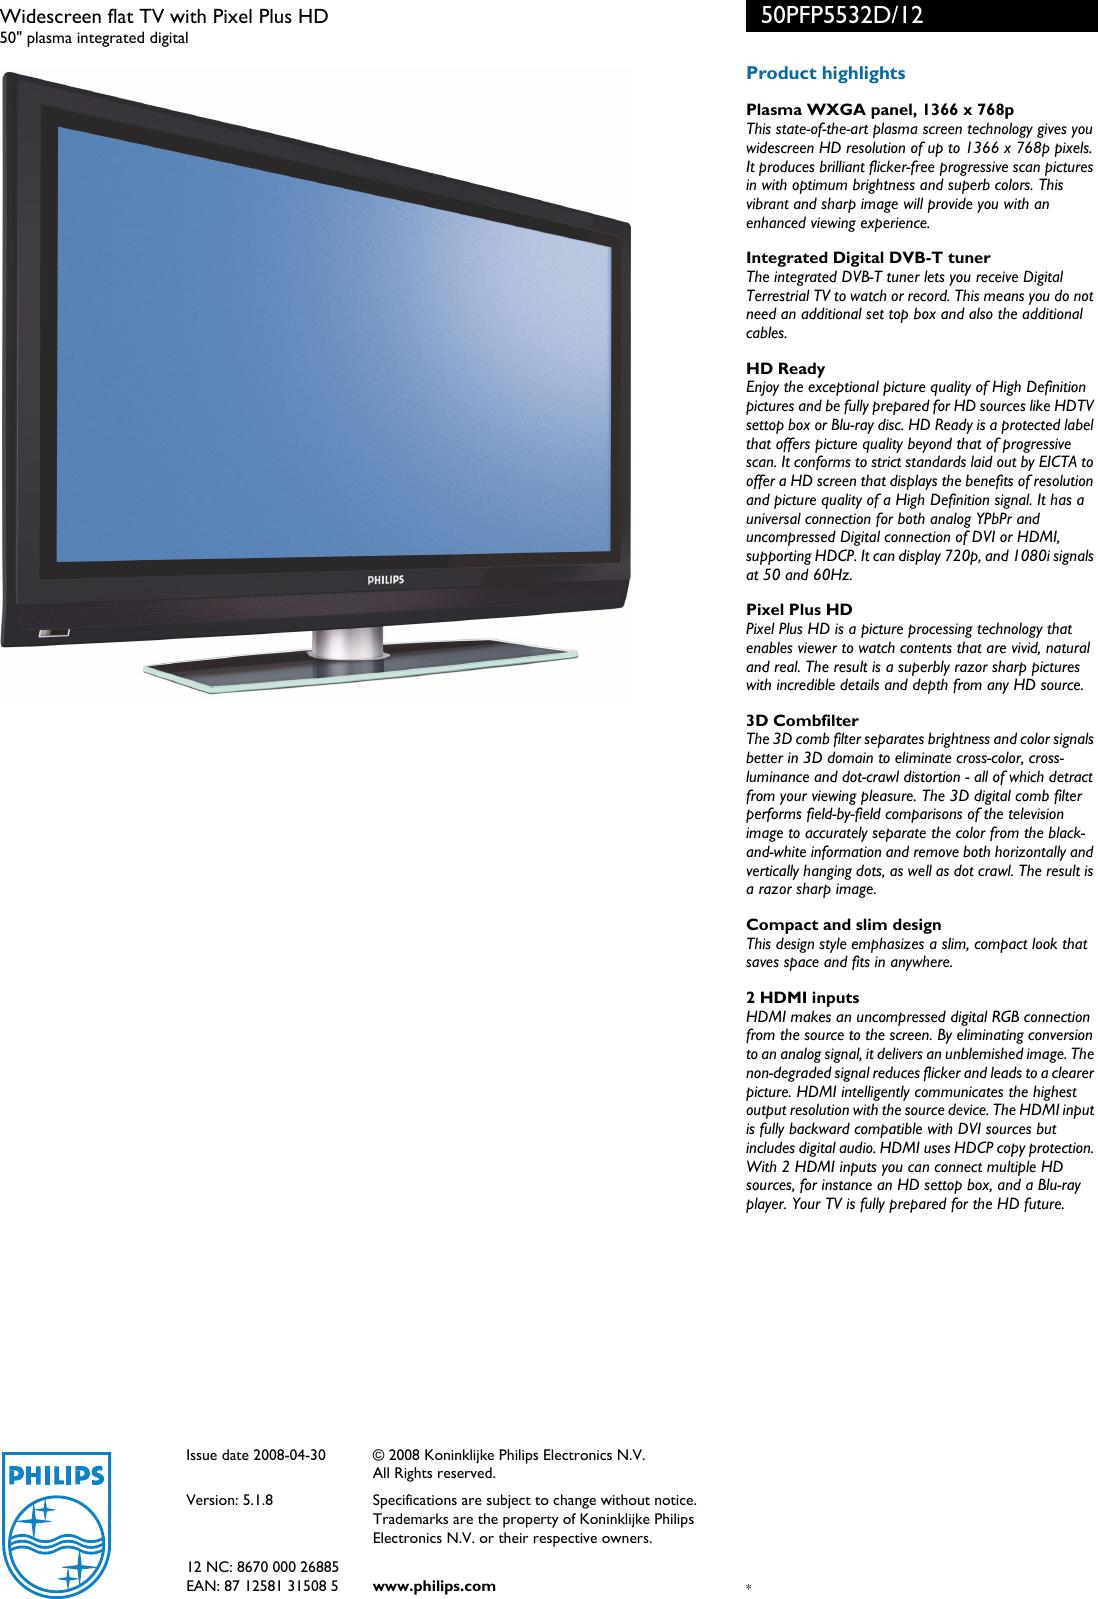 Philips 50Pfp5532D Users Manual 50PFP5532D/12 Widescreen